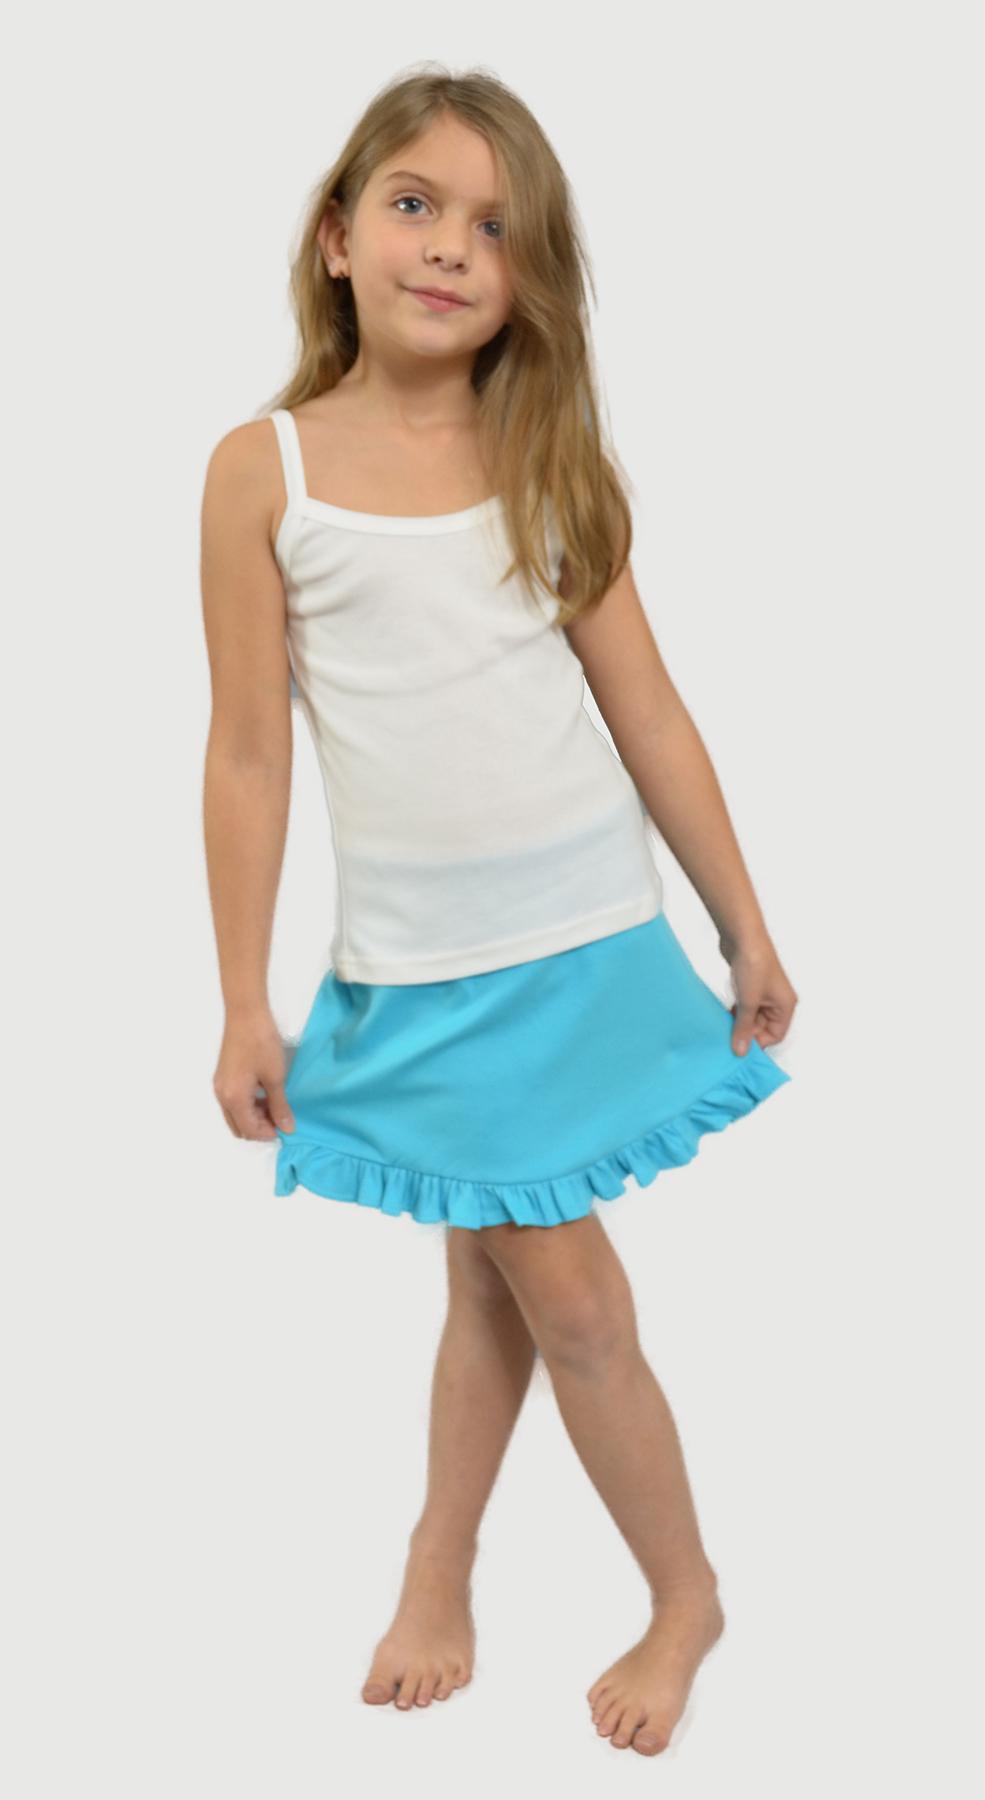 Monag 100310 - Interlock Frill Bottom Skirt